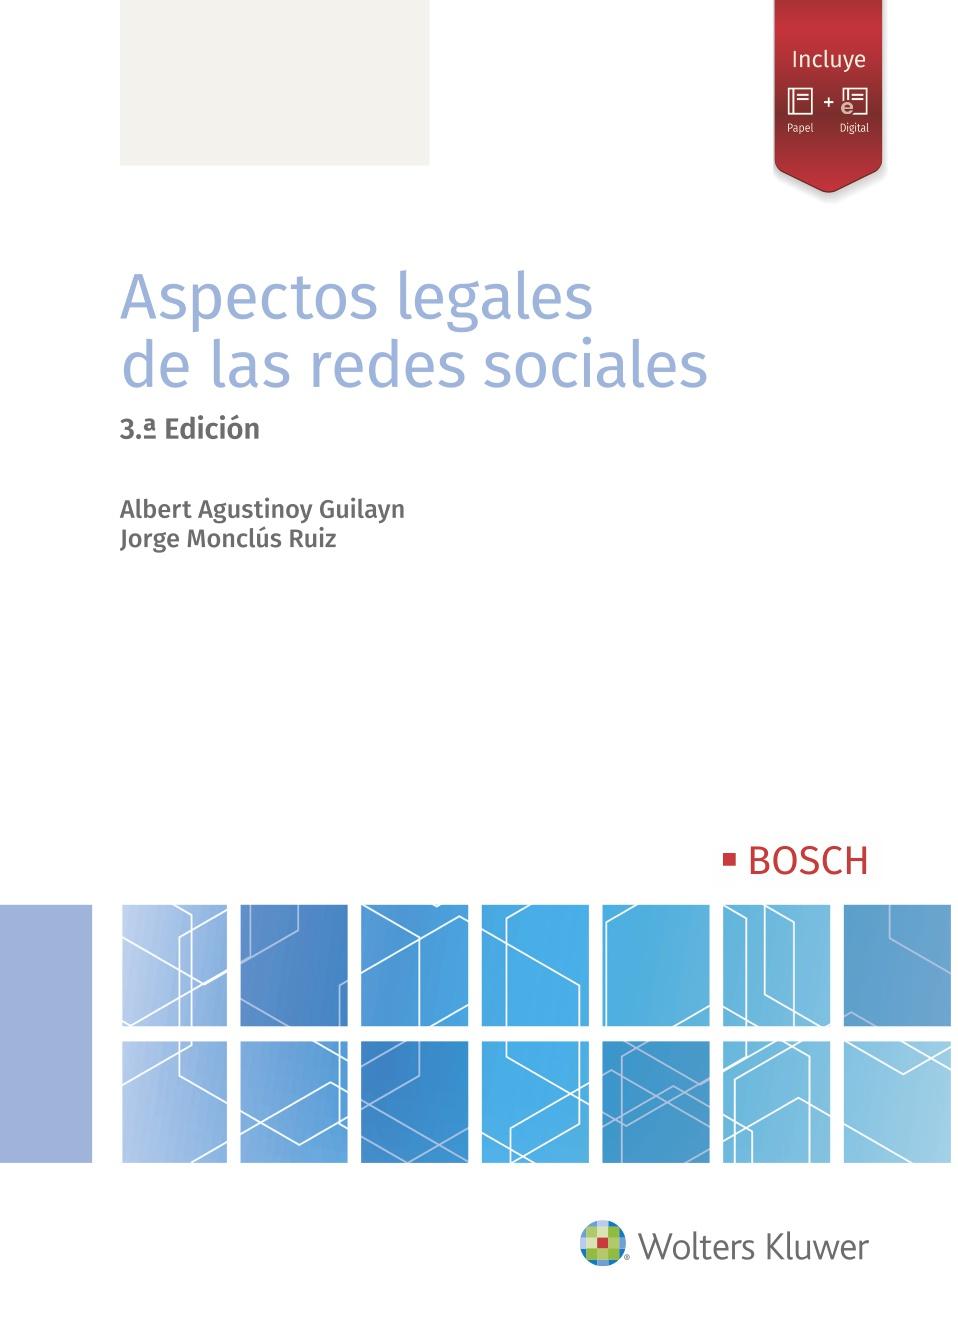 Aspectos legales de las redes sociales (3ª edición)